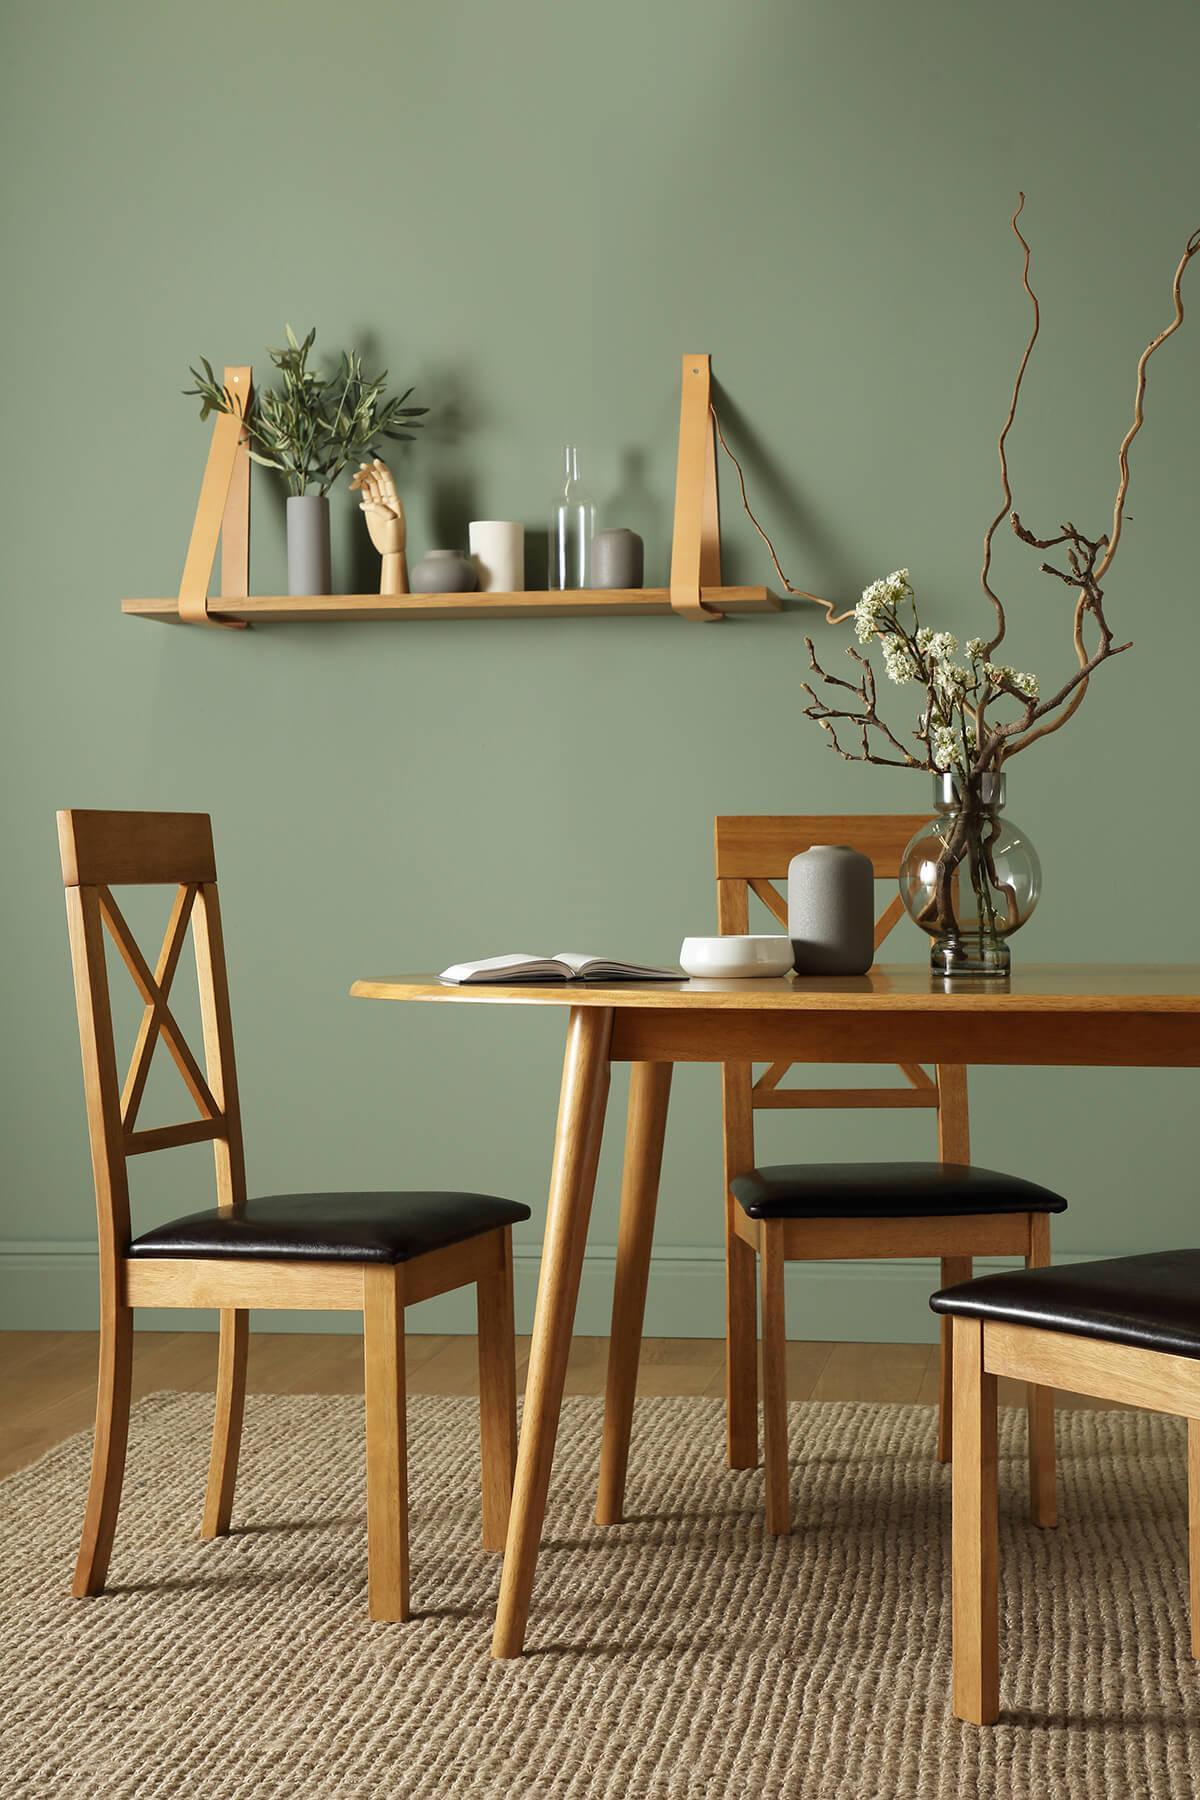 Suffolk oak table Kendal oak chairs portrait